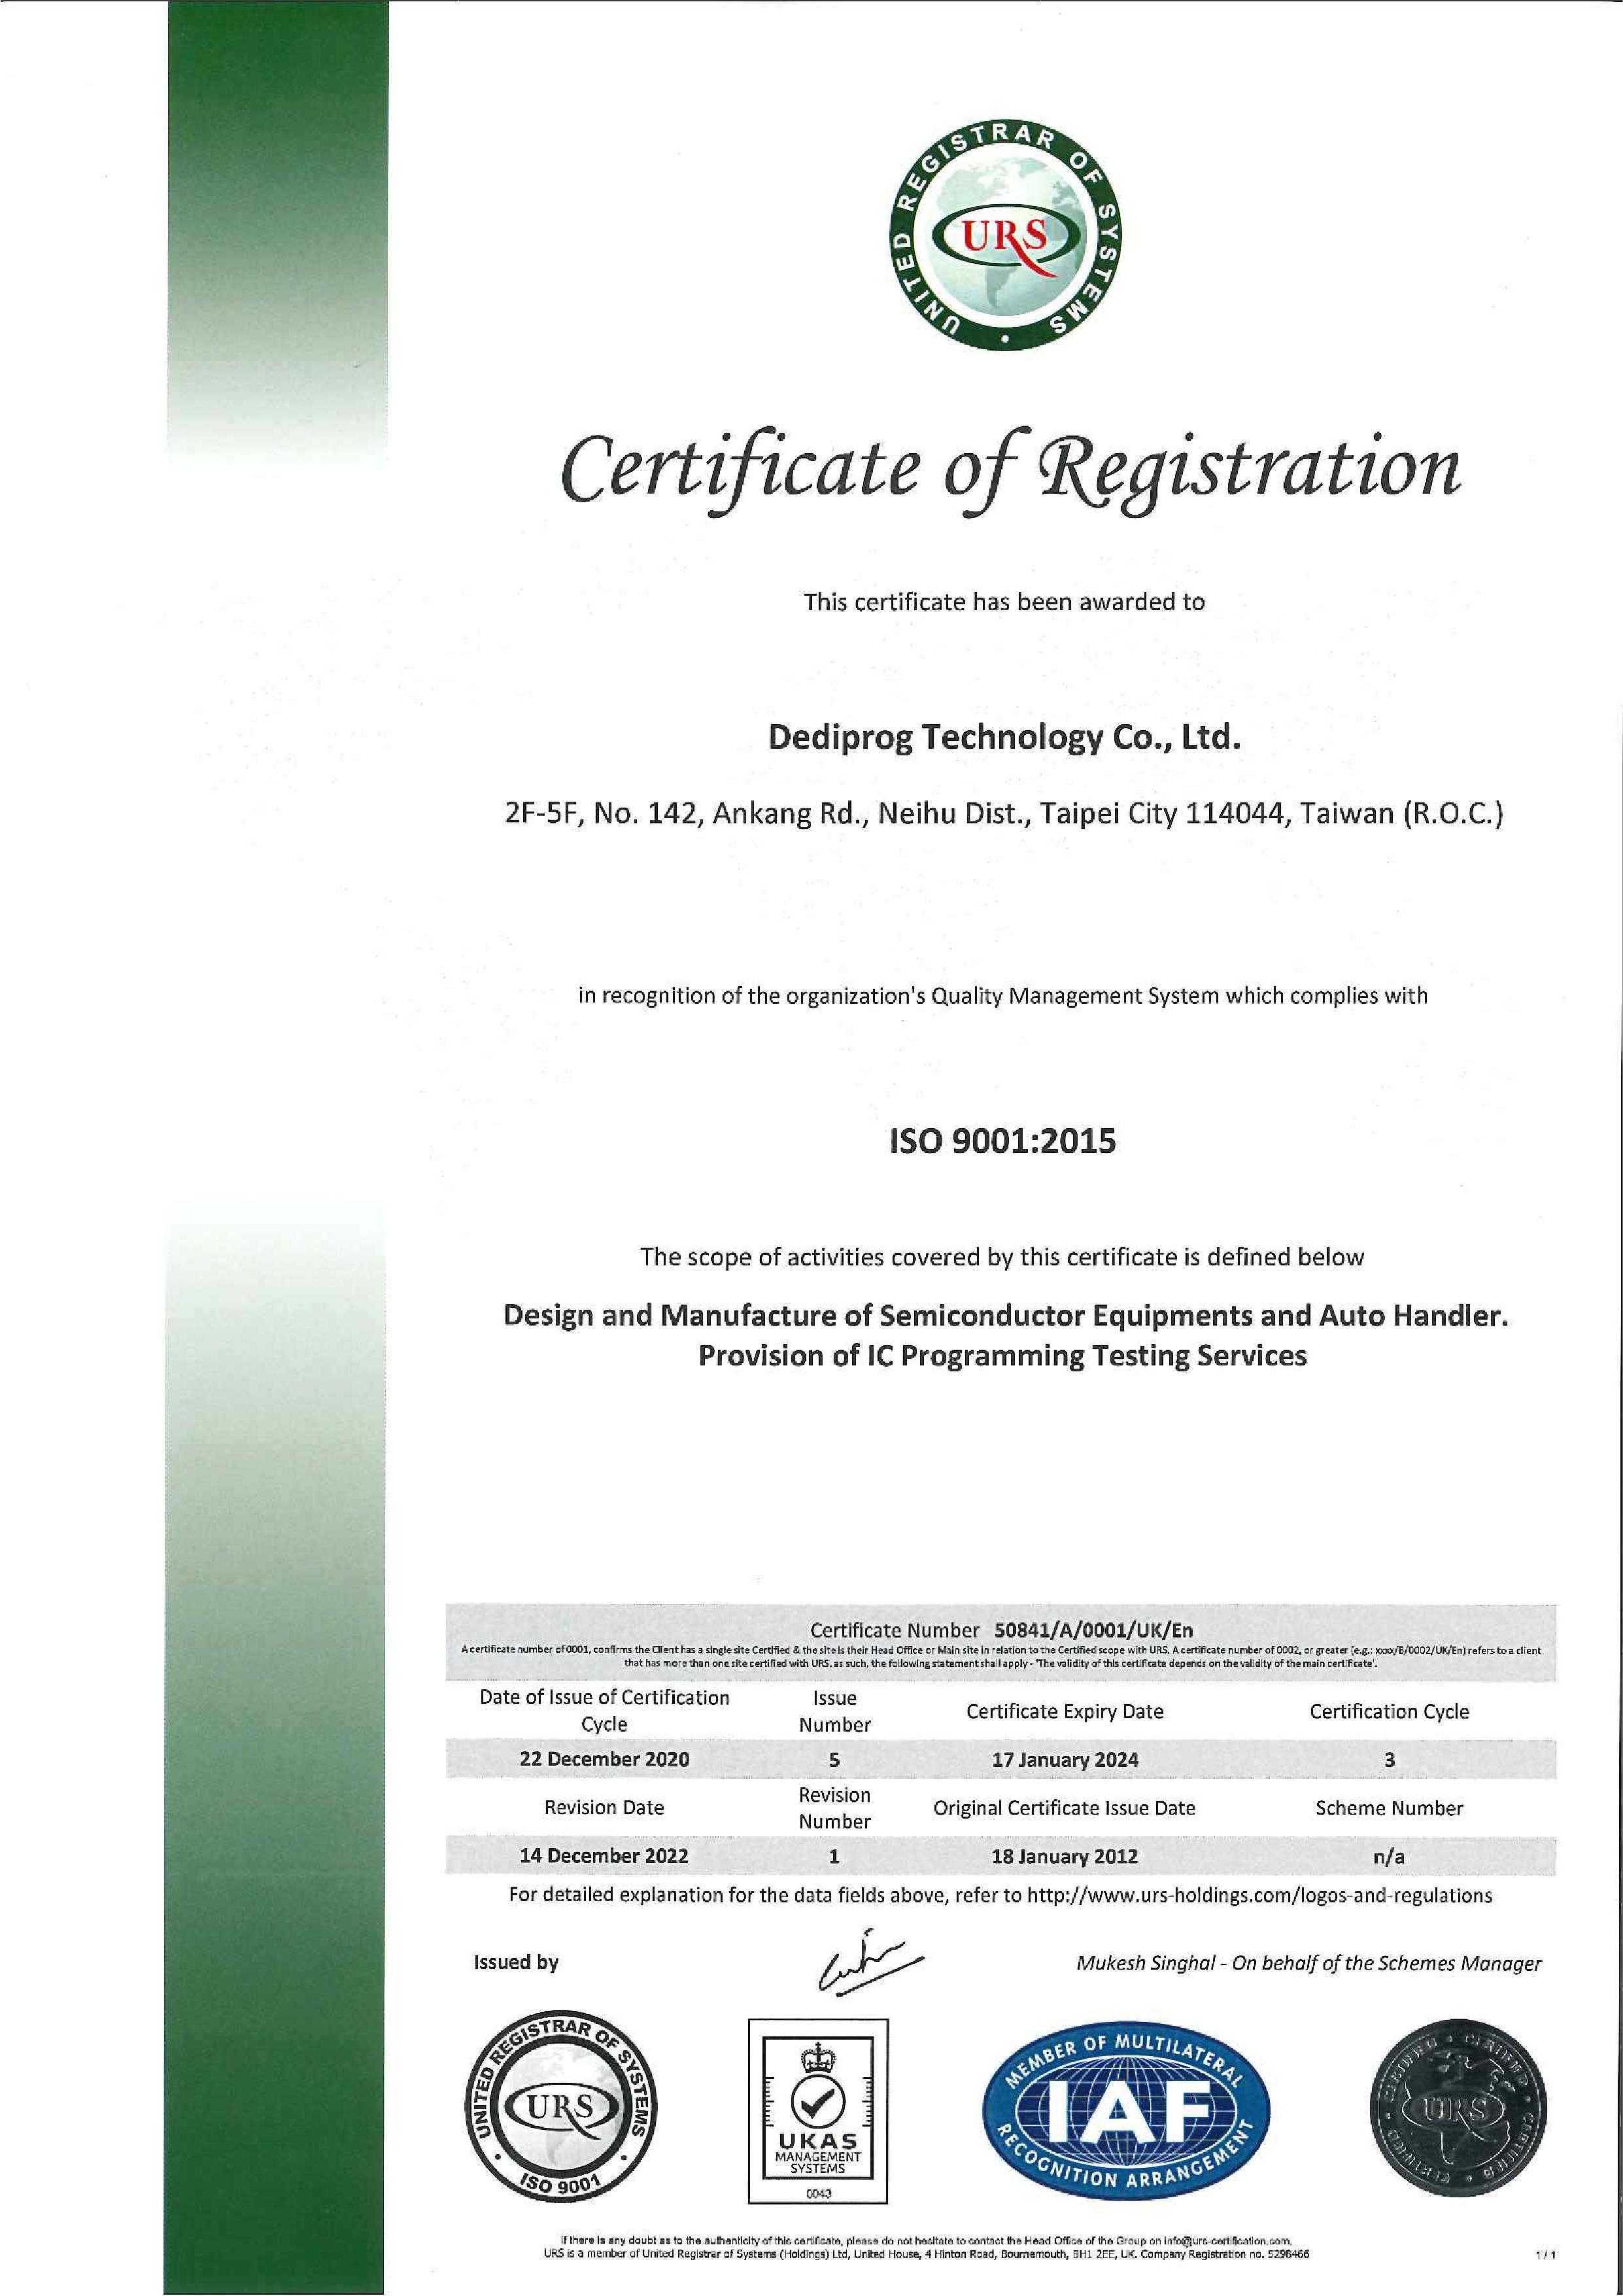 Dediprog ISO 9001 2015